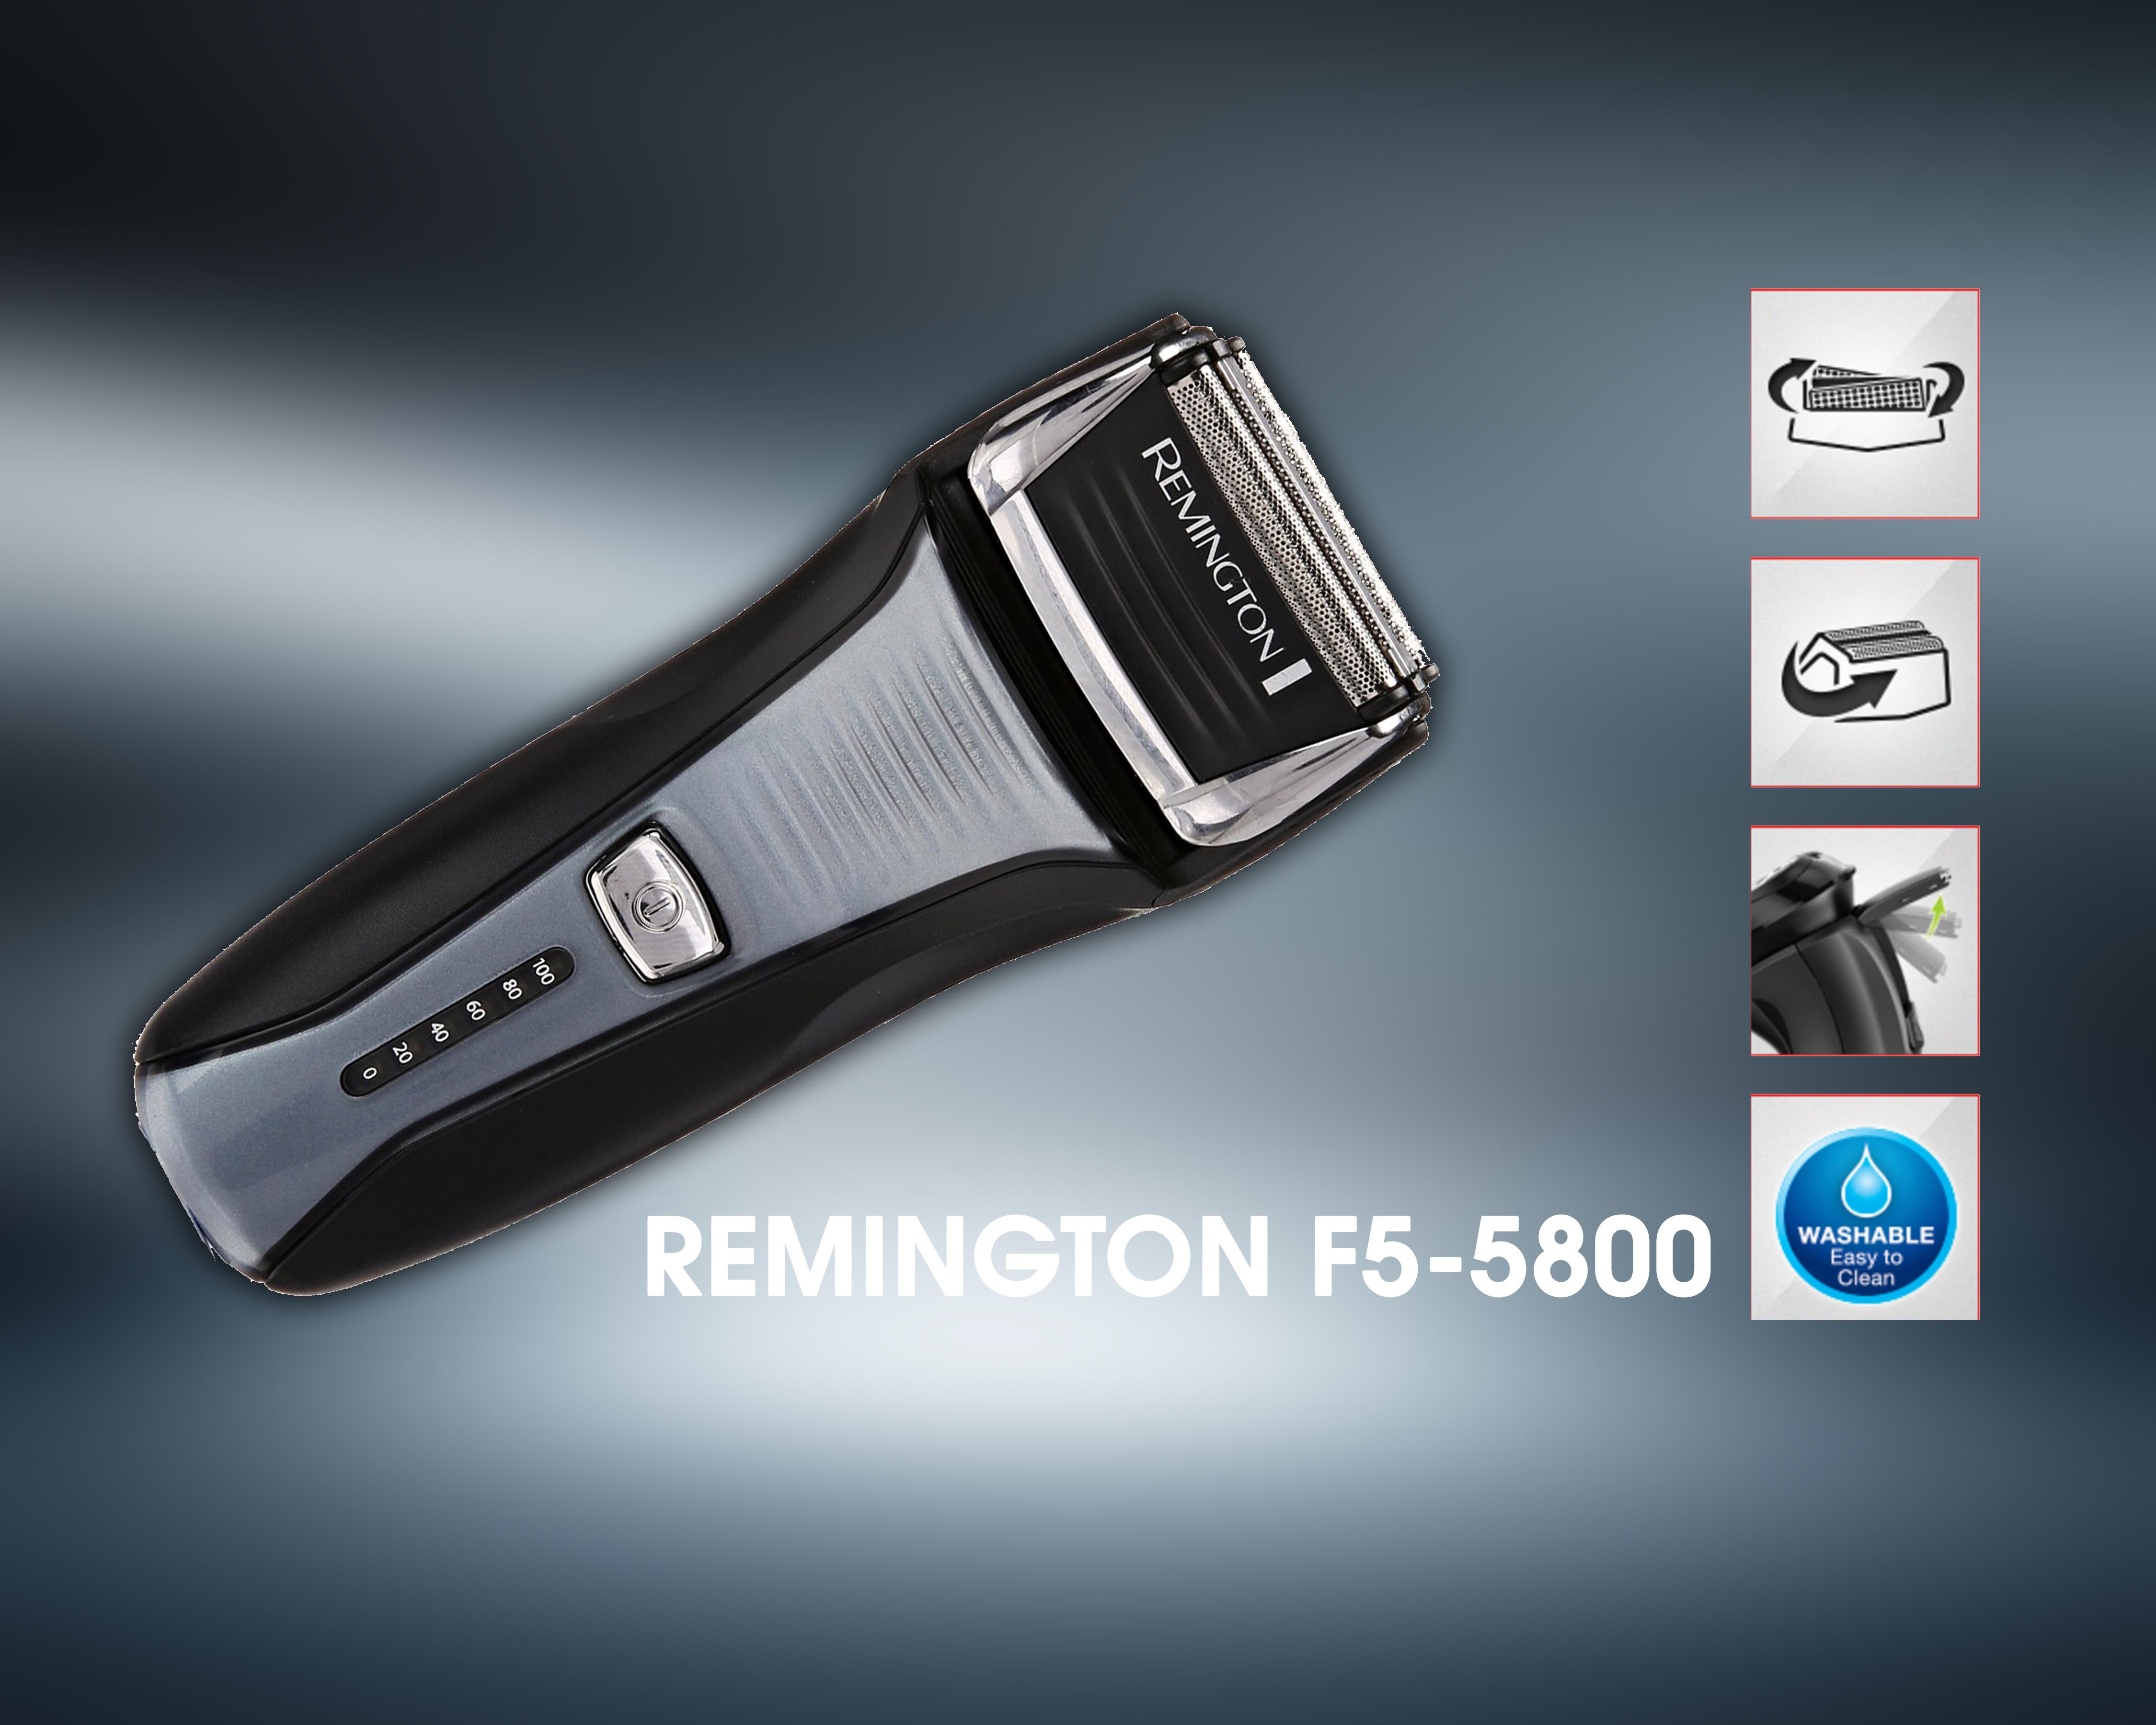 Remington F5-5800 Foil Shaver, Men's Electric shaver review